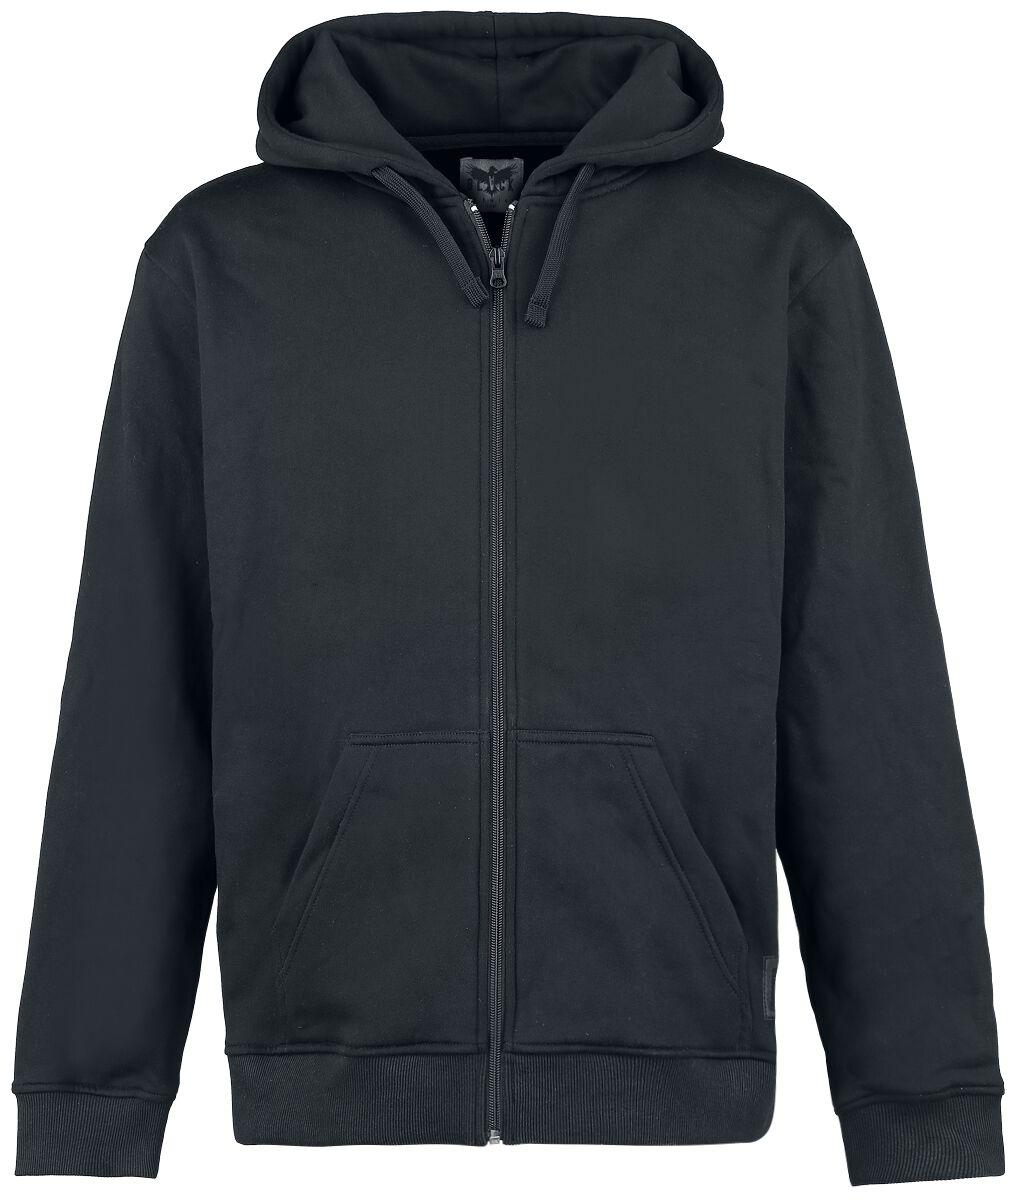 Image of   Black Premium by EMP Basic Zipper Hættejakke sort